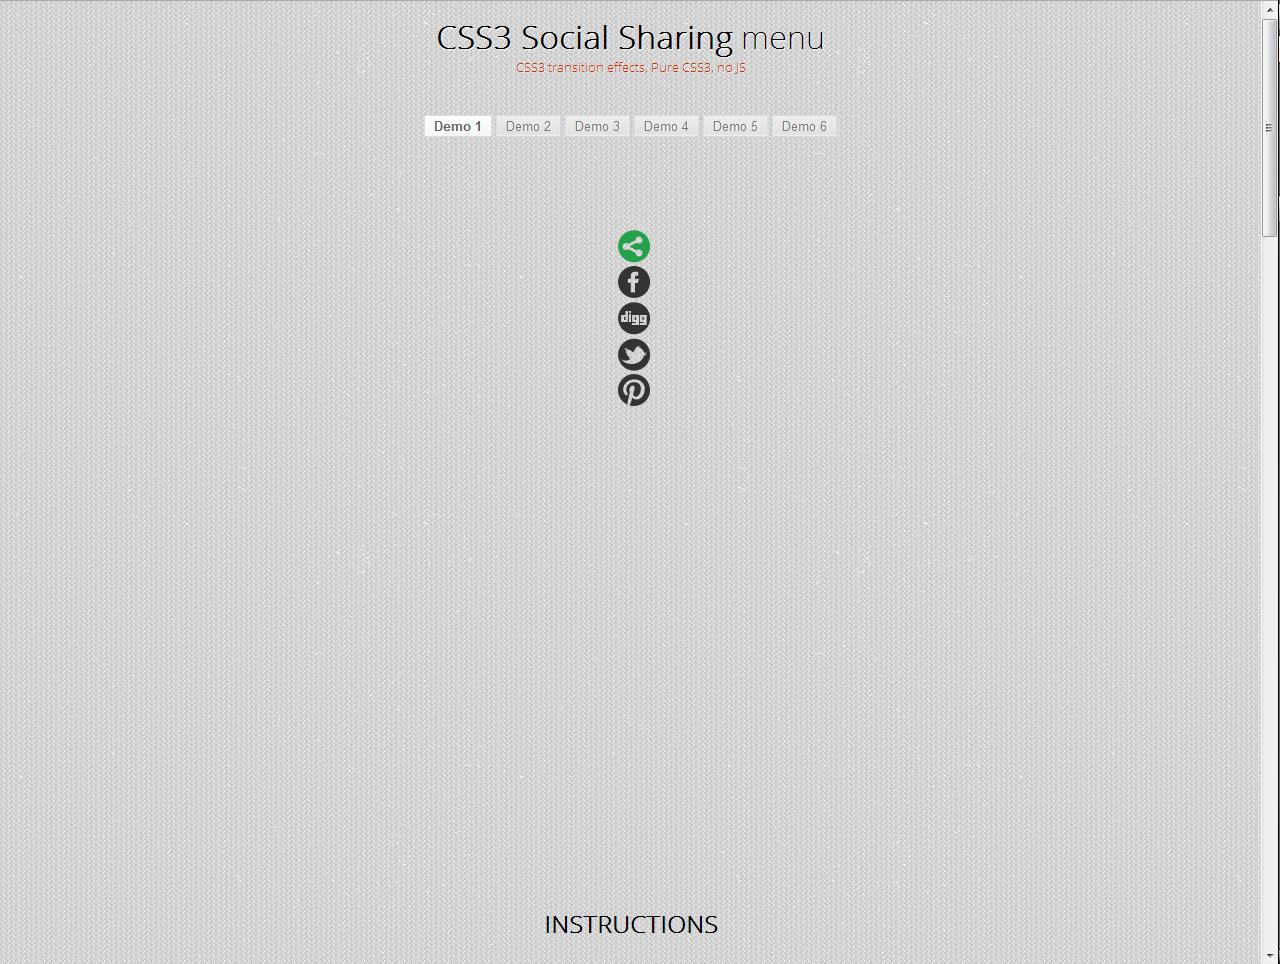 CSS3 Social Sharing Menu Social icons, Browser support